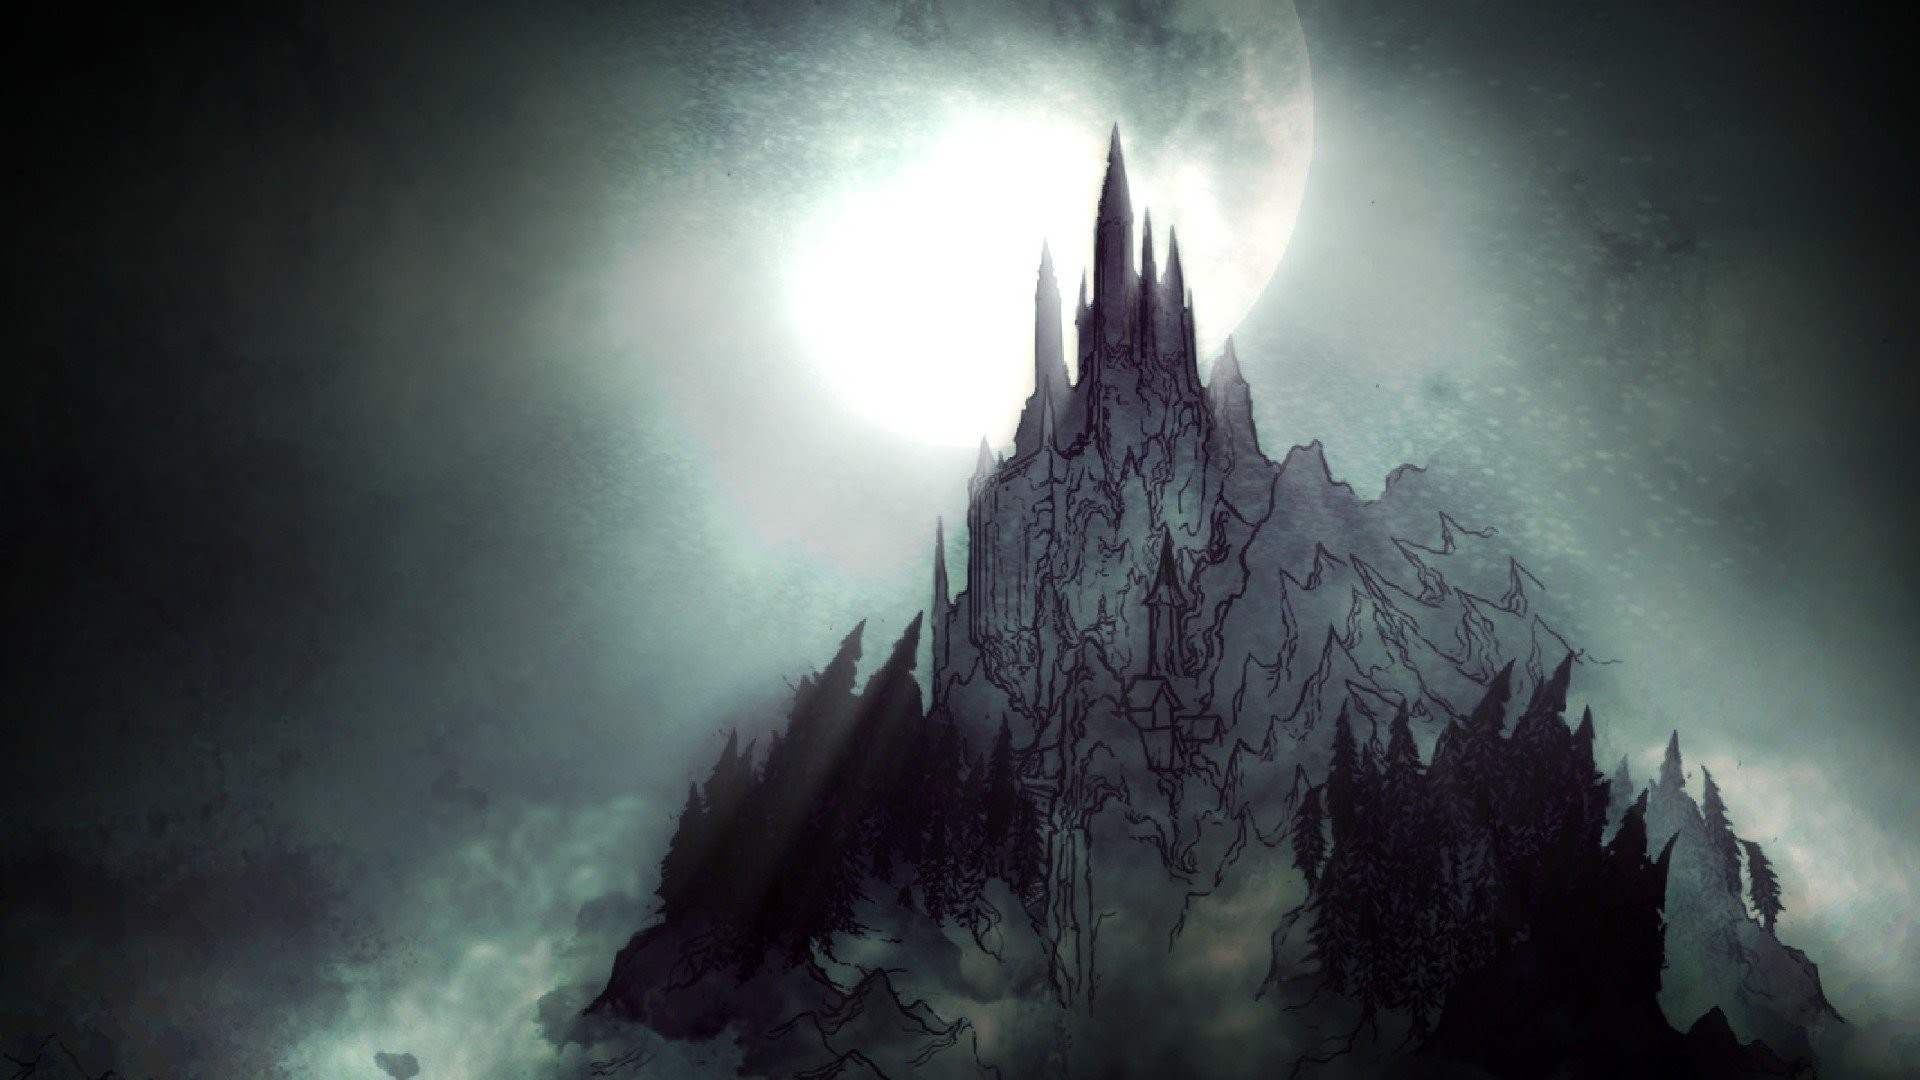 Draculas Castle Wallpaper 57 Images